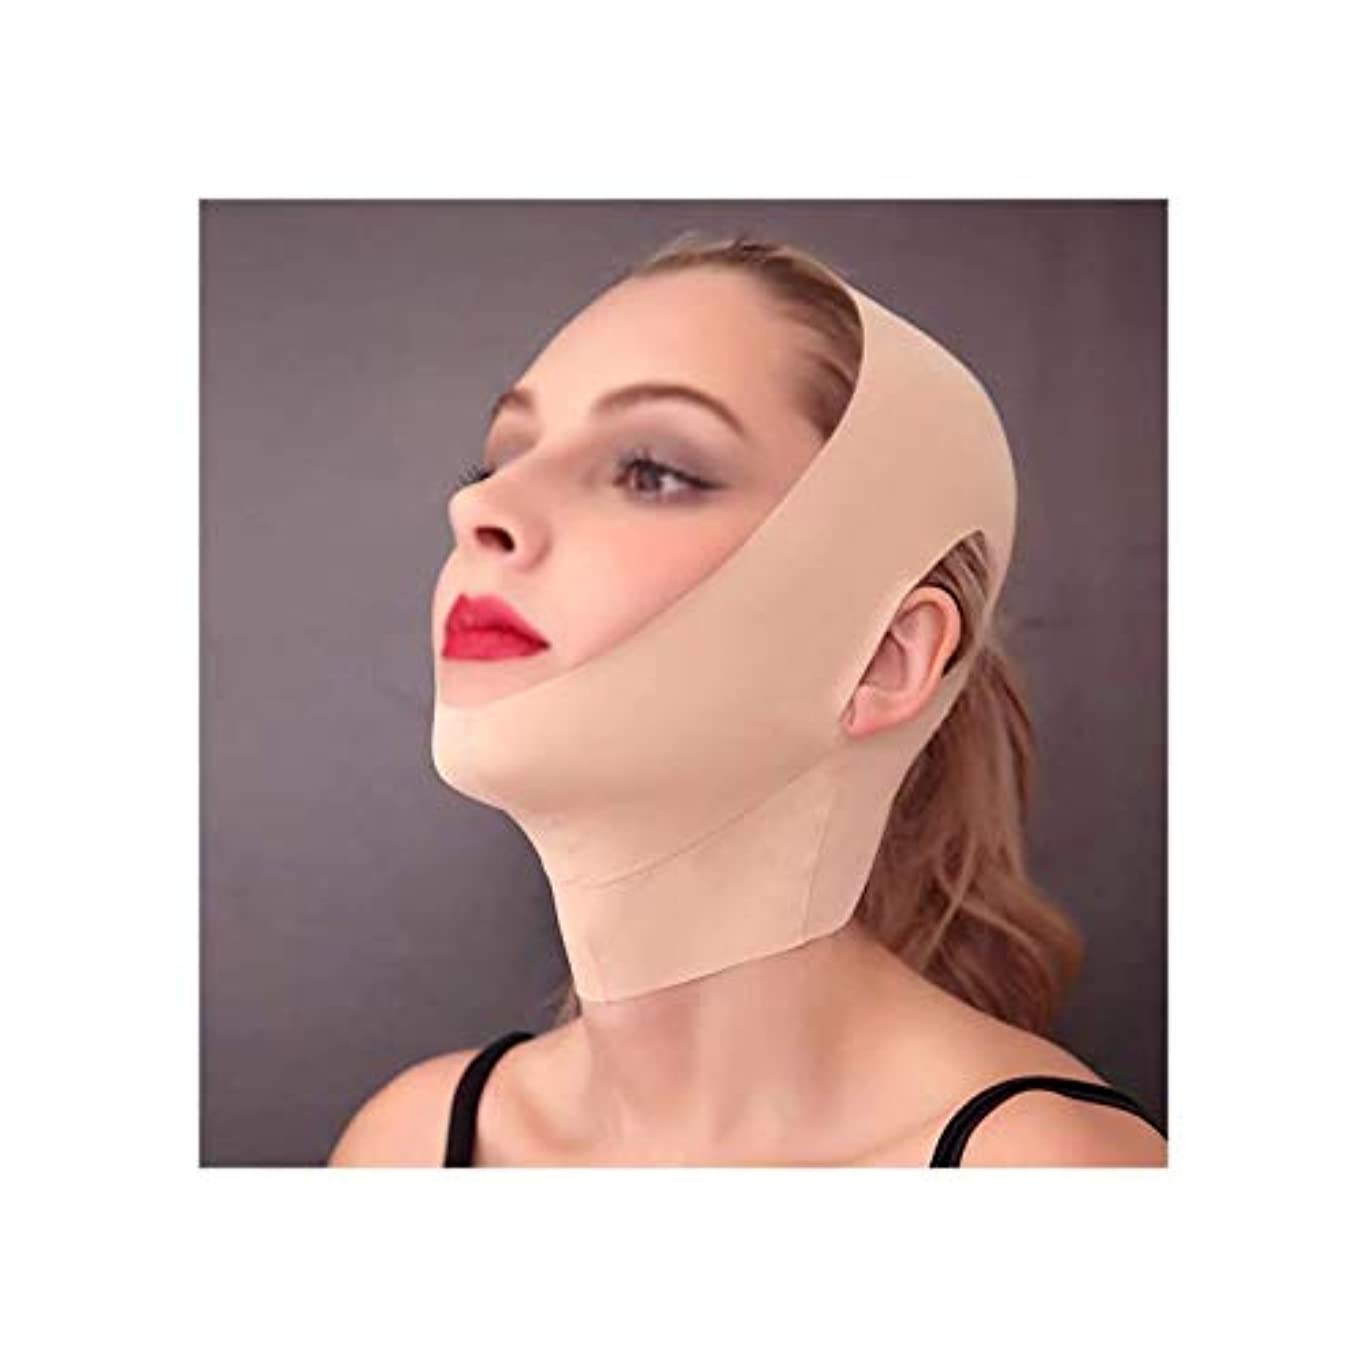 雪に禁止するフェイシャルマスク、フェイスリフティングアーティファクト女性男性スリープフェイスVフェイスバンデージマスクリフティングフェイスコレクションファーミングフェイストゥーダブルチンスリミングベルト